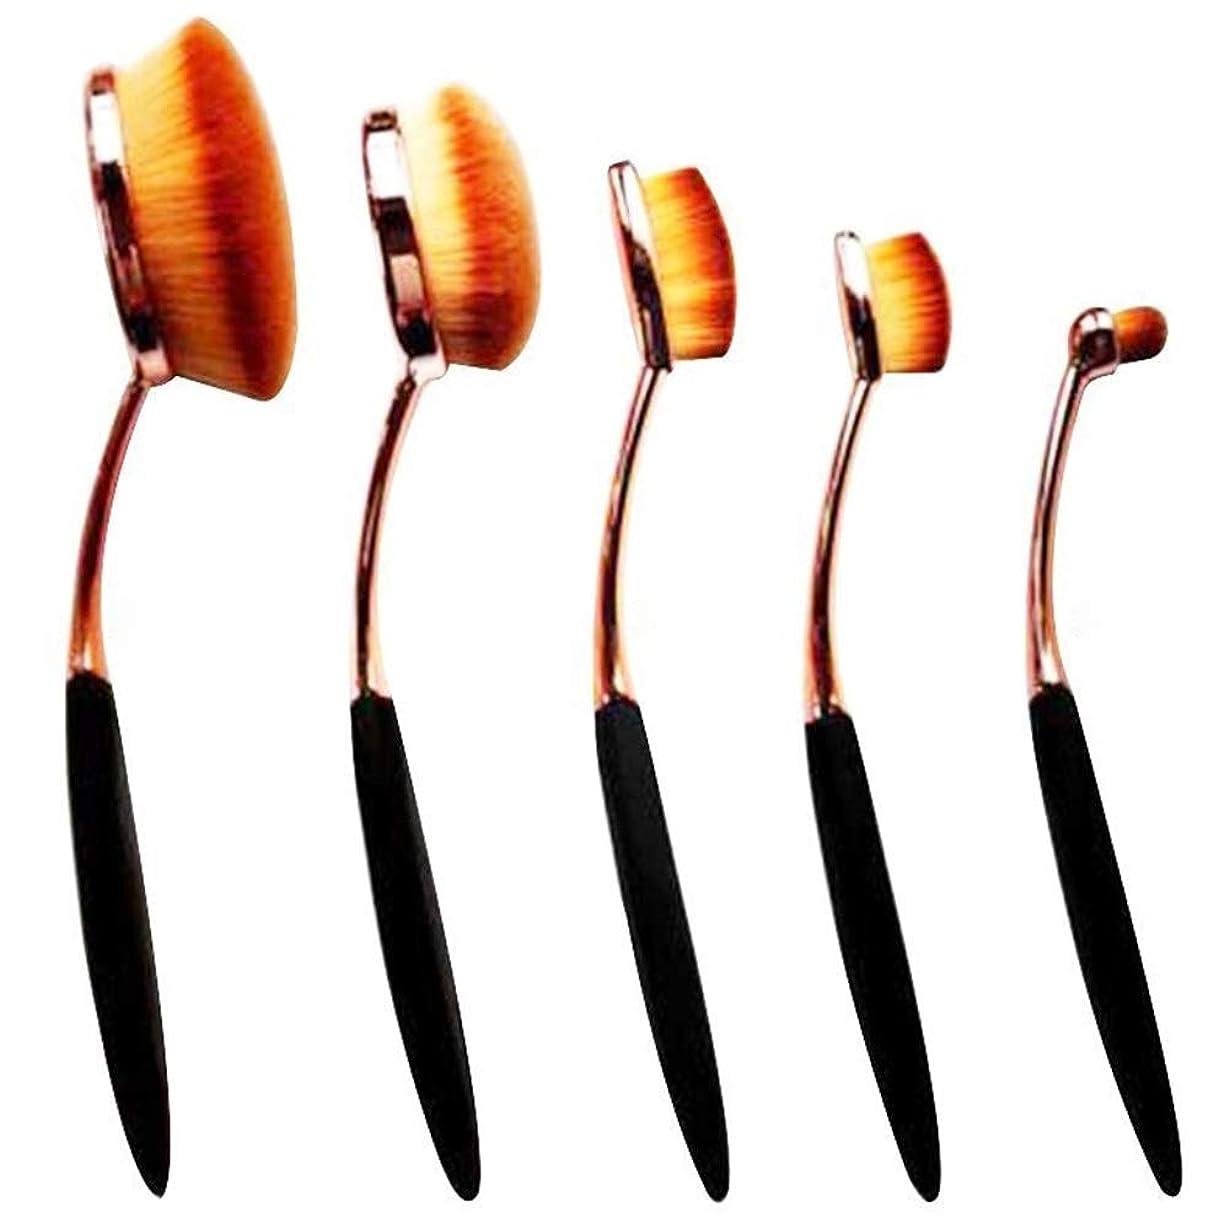 発見乙女手がかり5個 専用 化粧ブラシ 歯ブラシ型 高級繊維毛 ファンデーションブラシ メイクブラシ メイクアップブラシ コスメ 化粧 ファンデーションブラシ